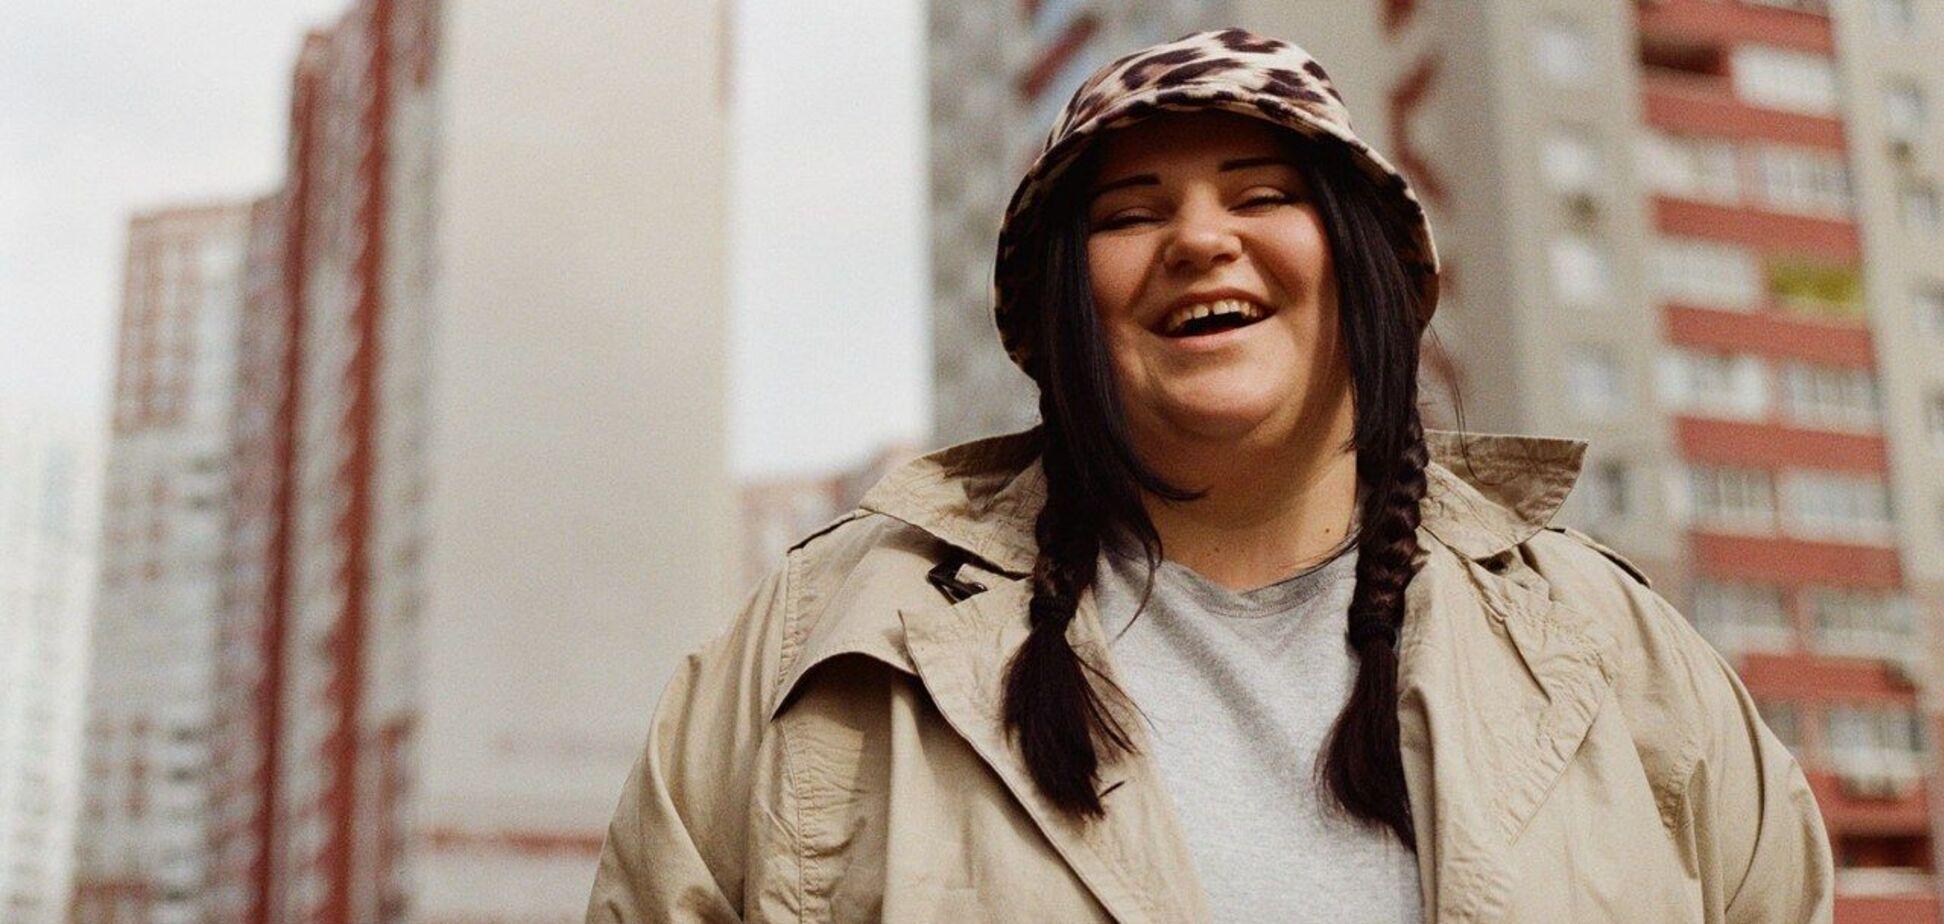 Alyona Alyona едва прикрыла обнаженную грудь газетой. Фото